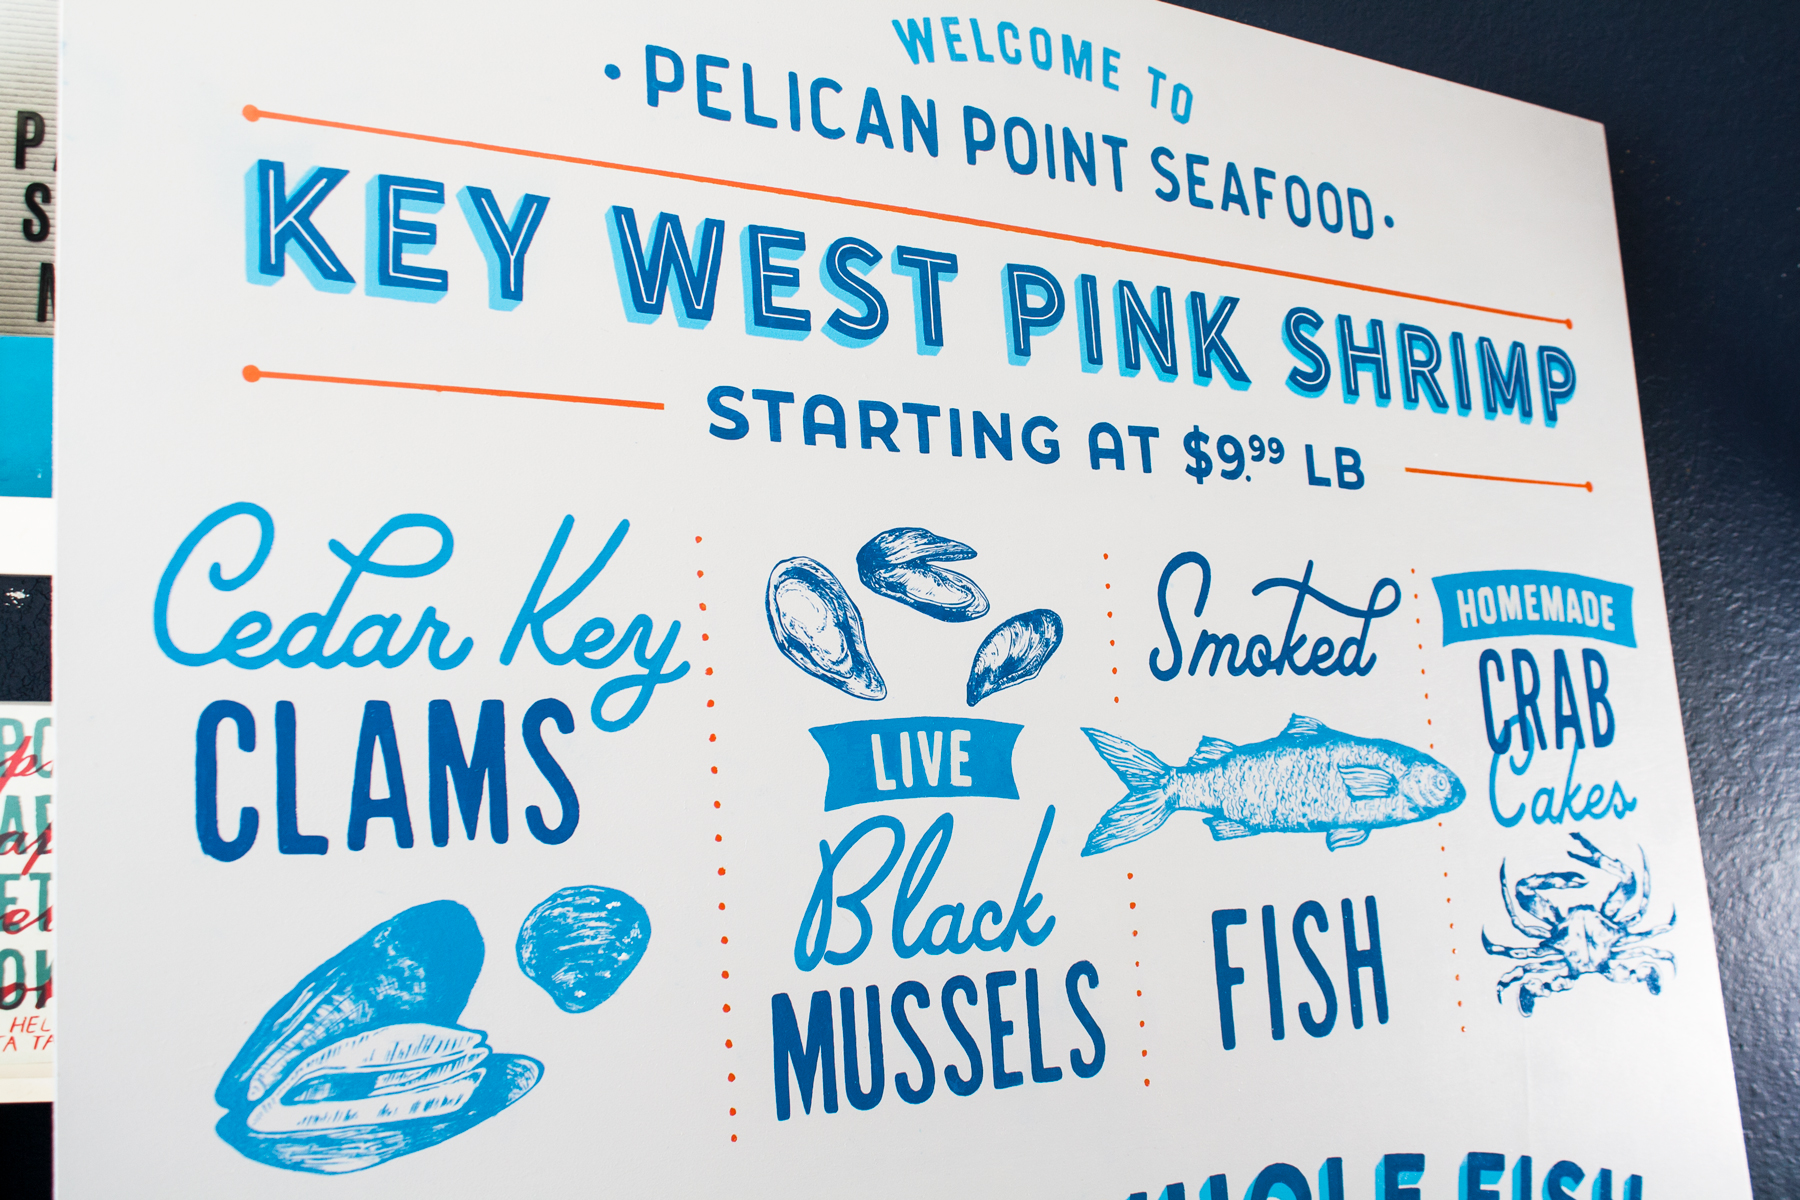 Leo-Gomez-Studio-Pelican-Point-Food-Sign-03.jpg